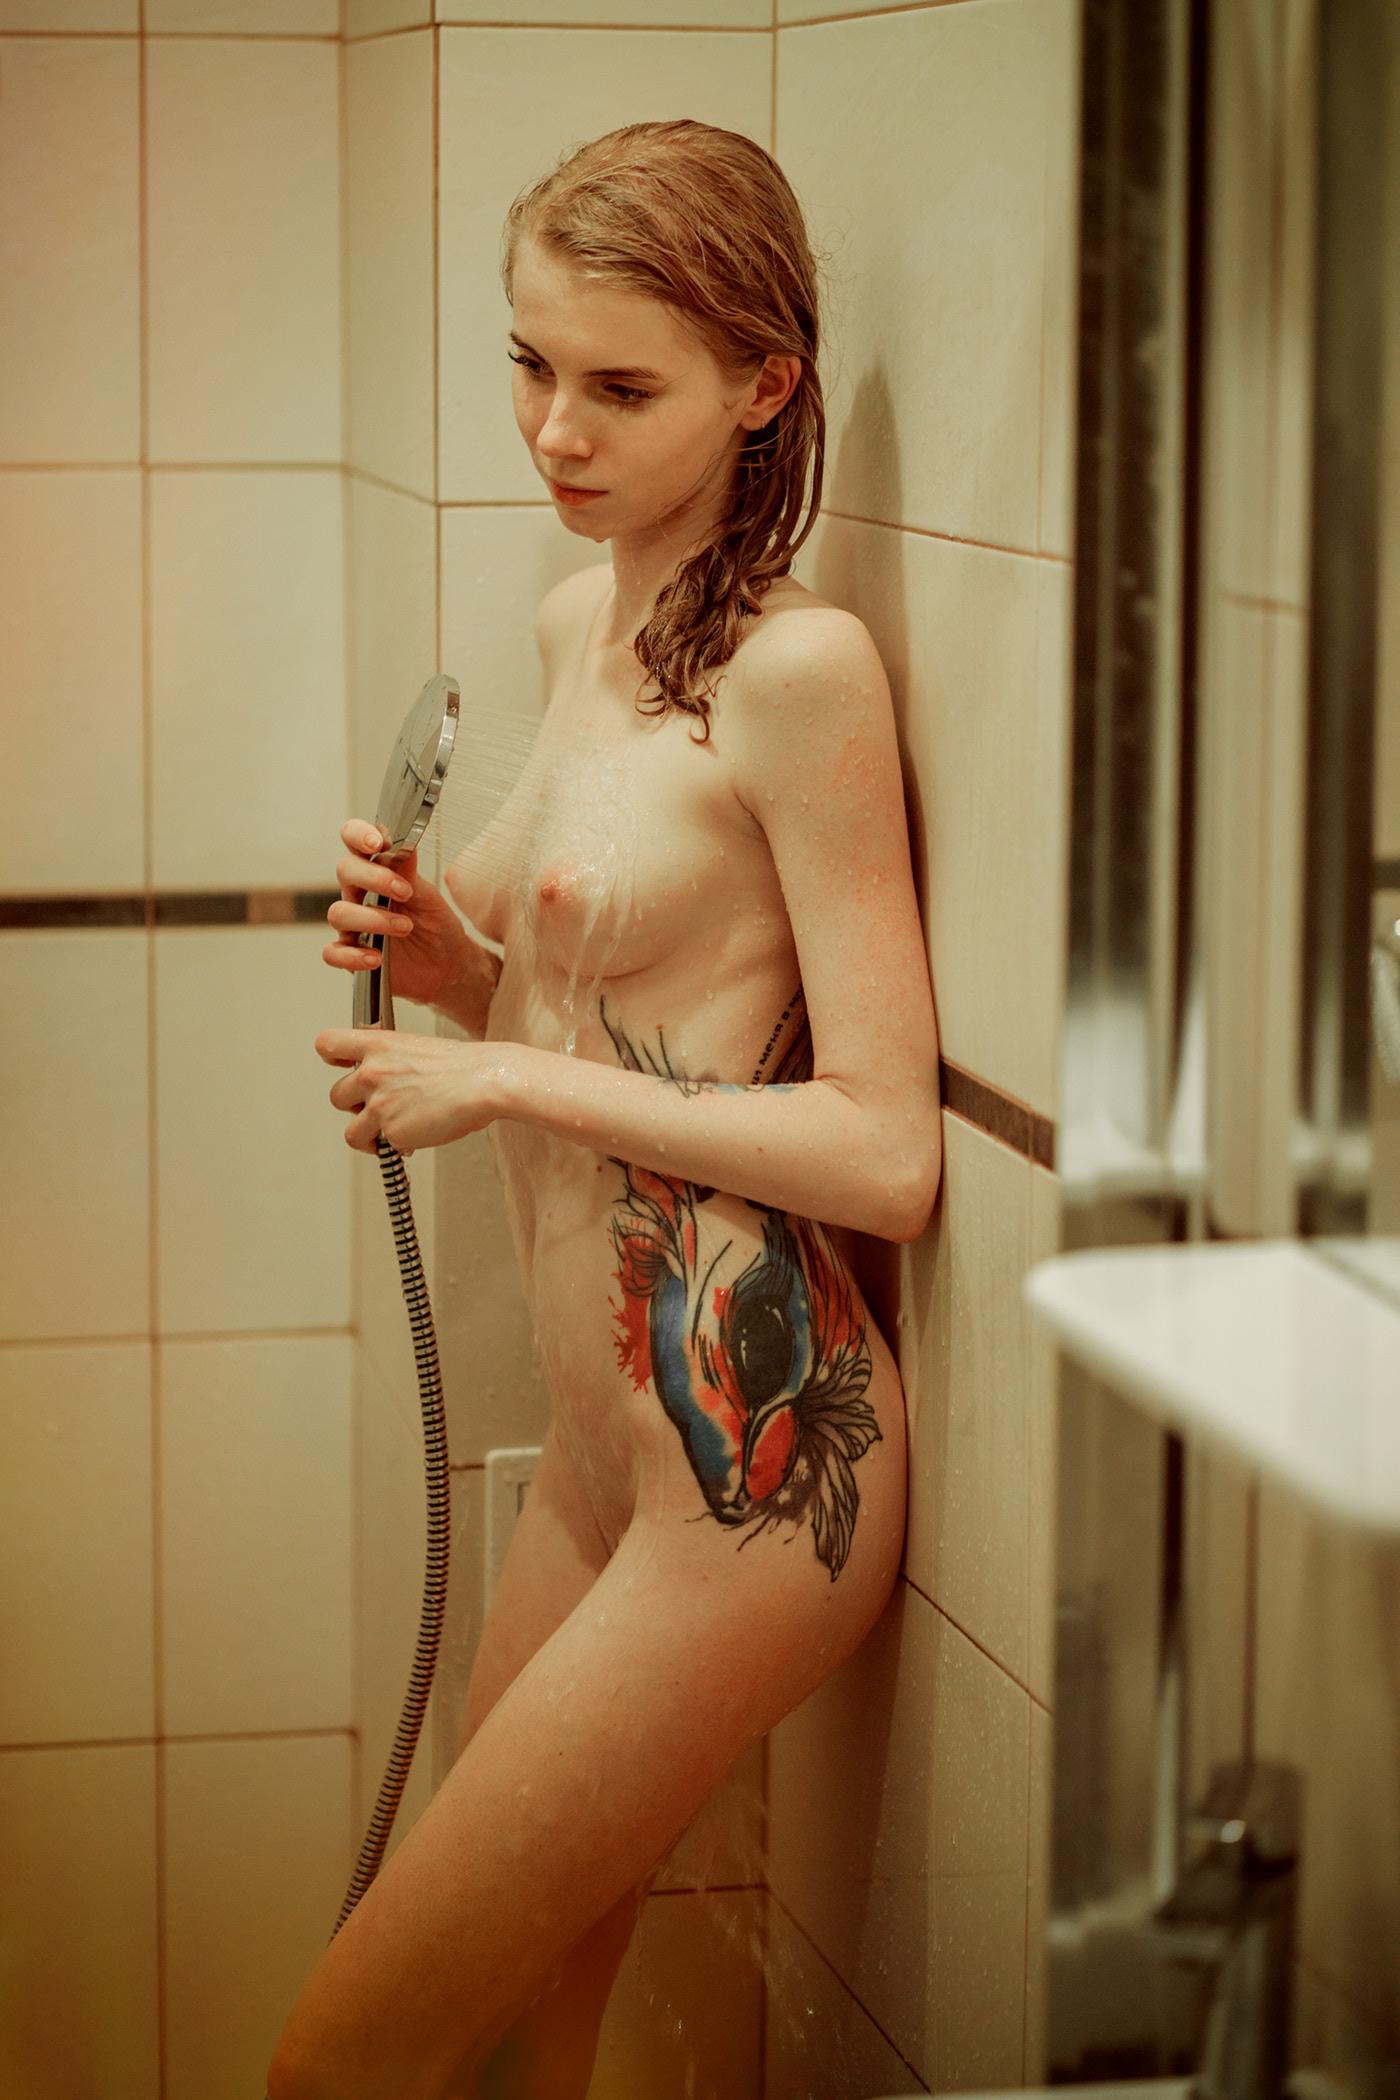 Лина в душе / фотограф Игорь Куприянов